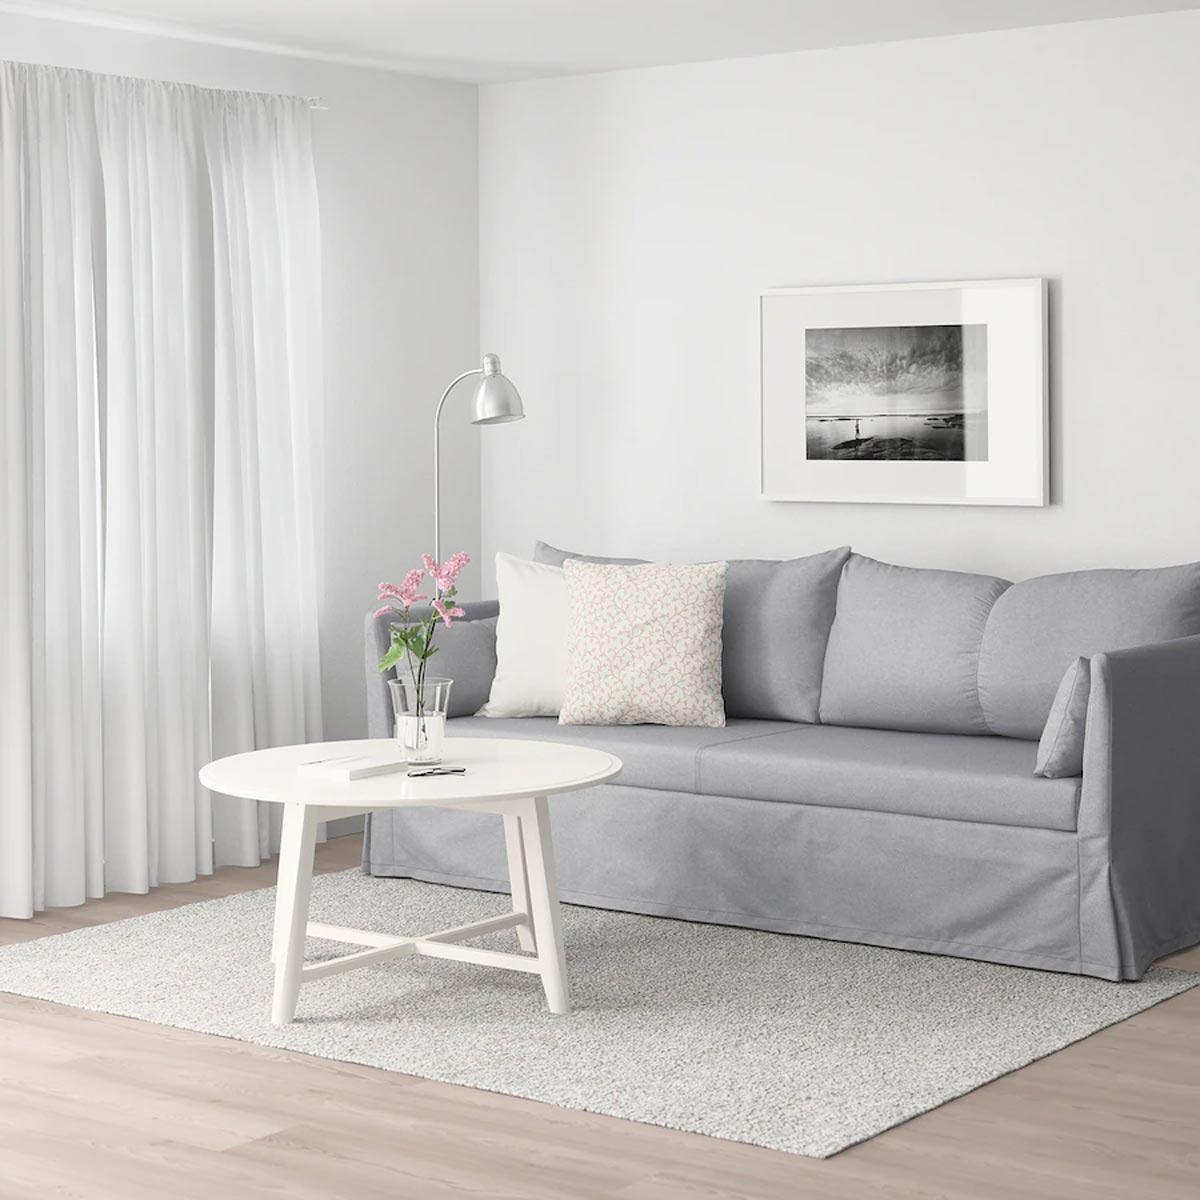 arredare il soggiorno low cost con i mobili ikea fine serie